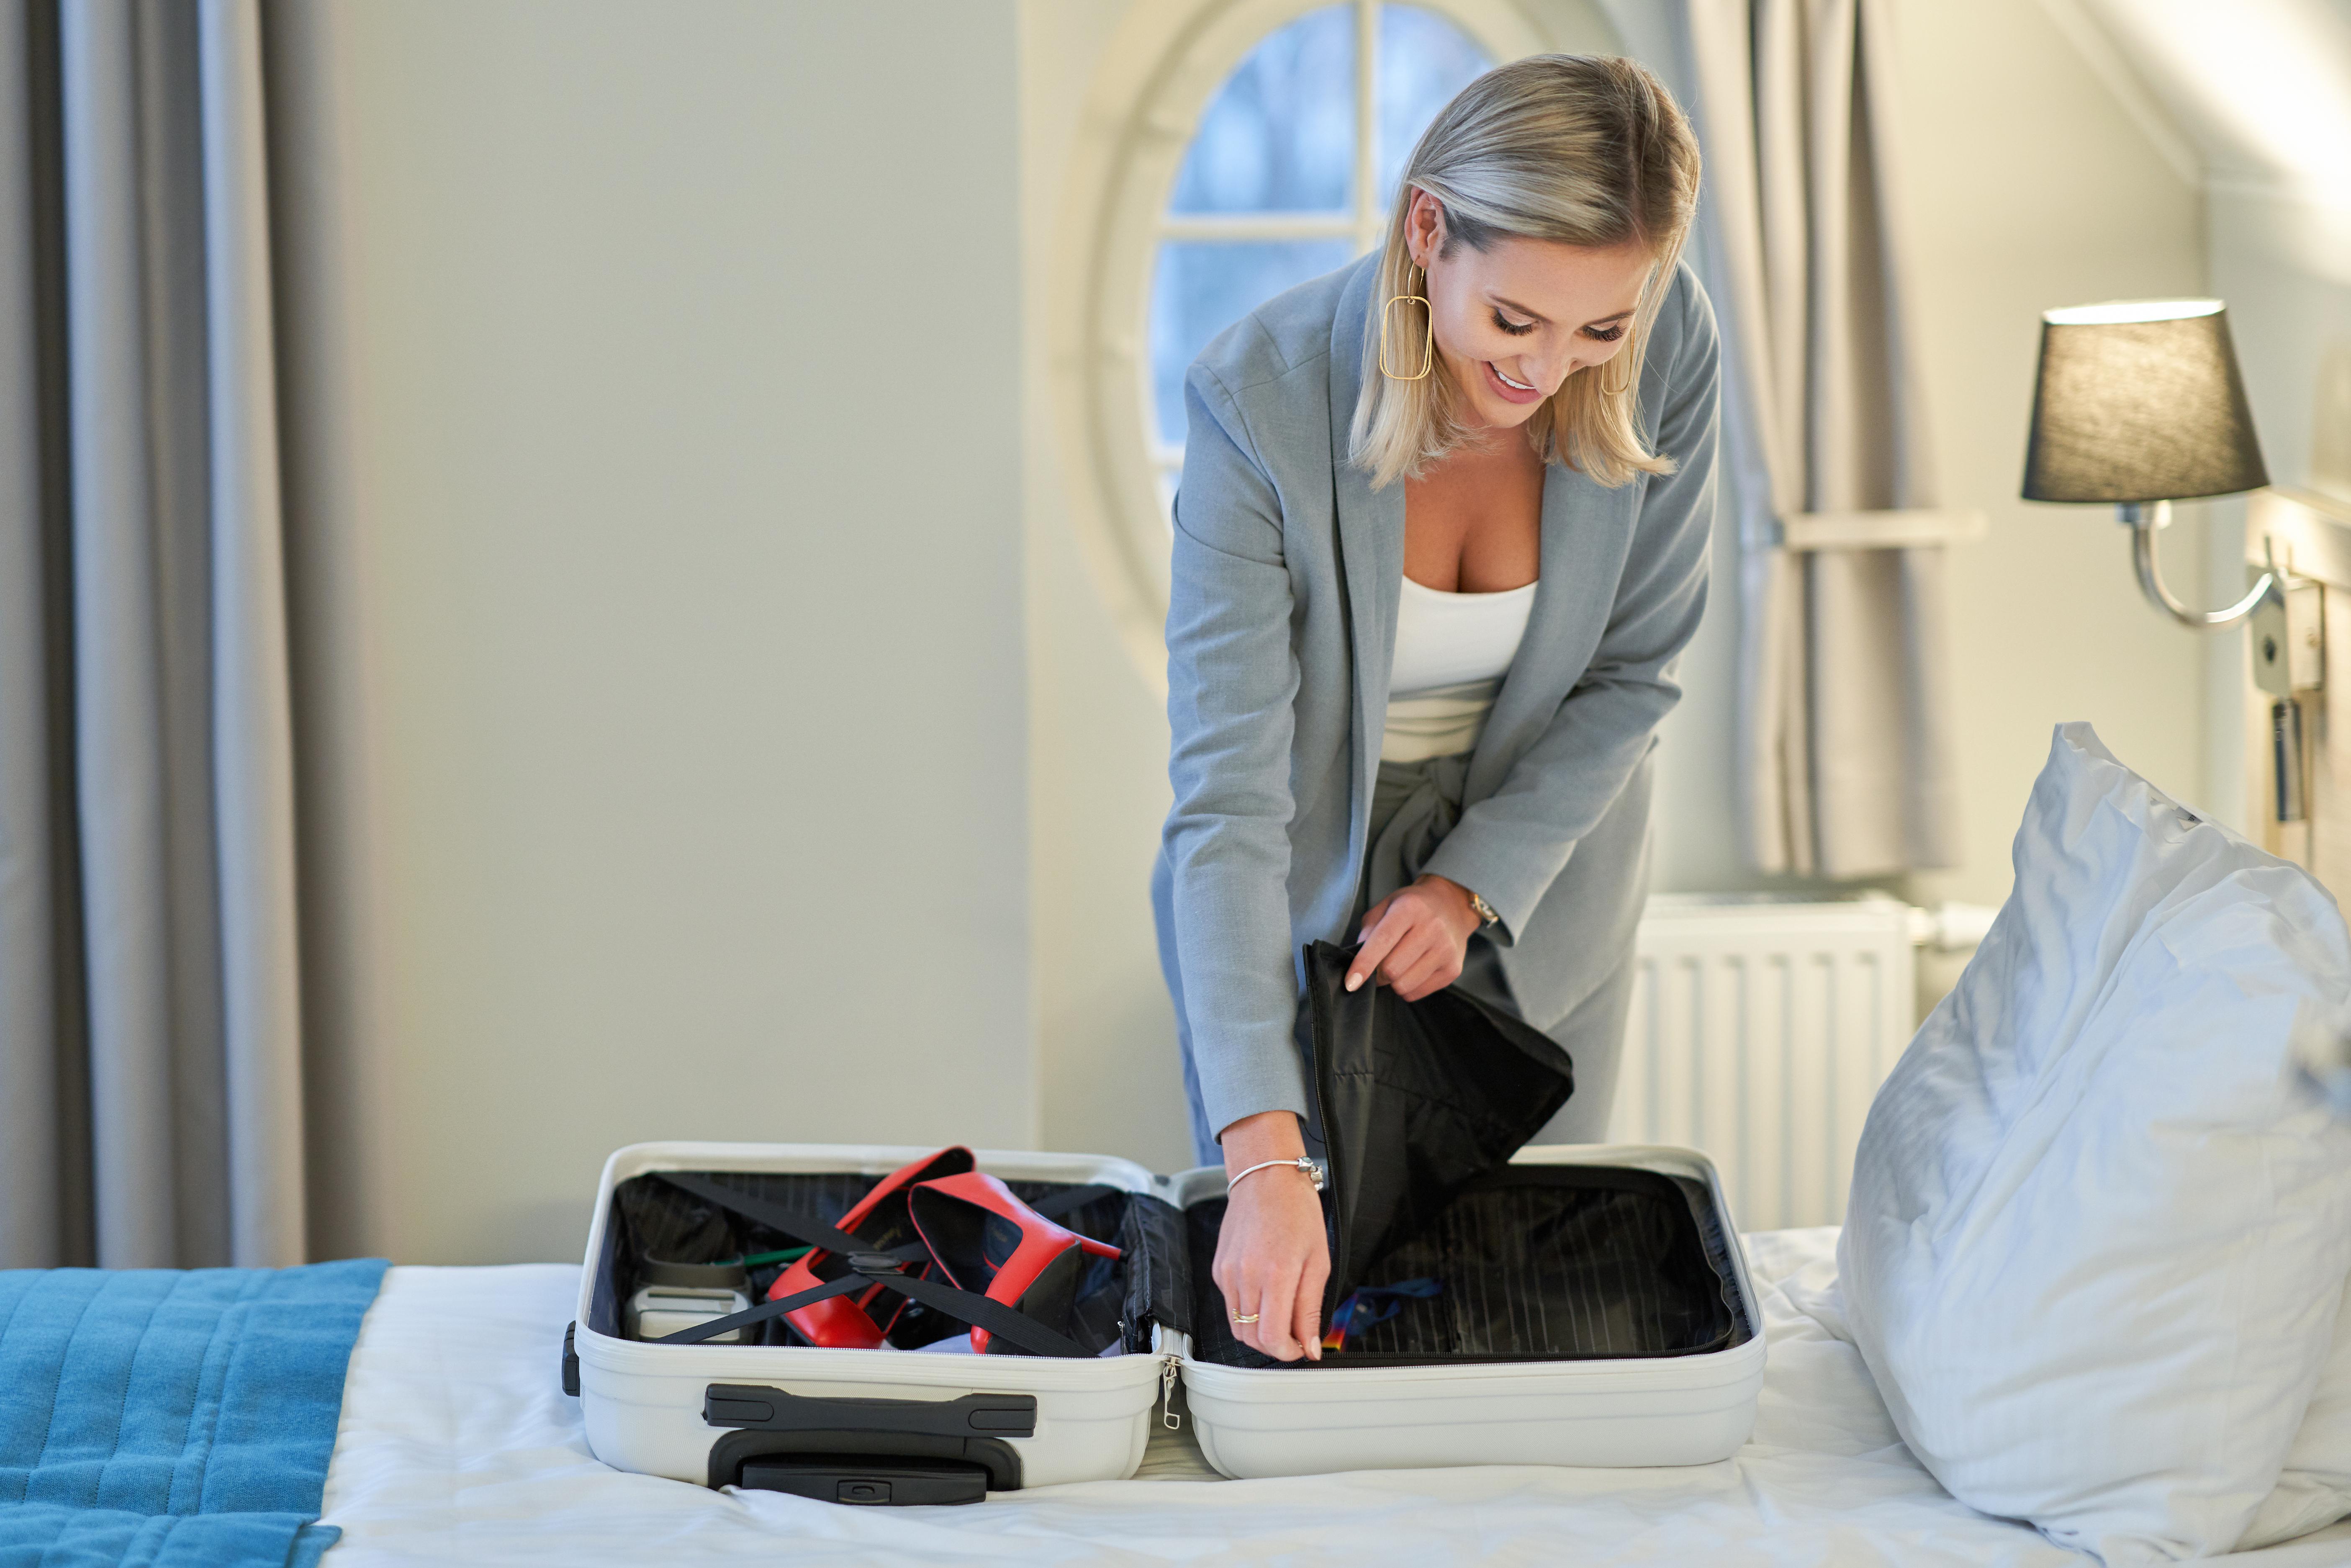 Placera aldrig resväskan i hotellsängen.